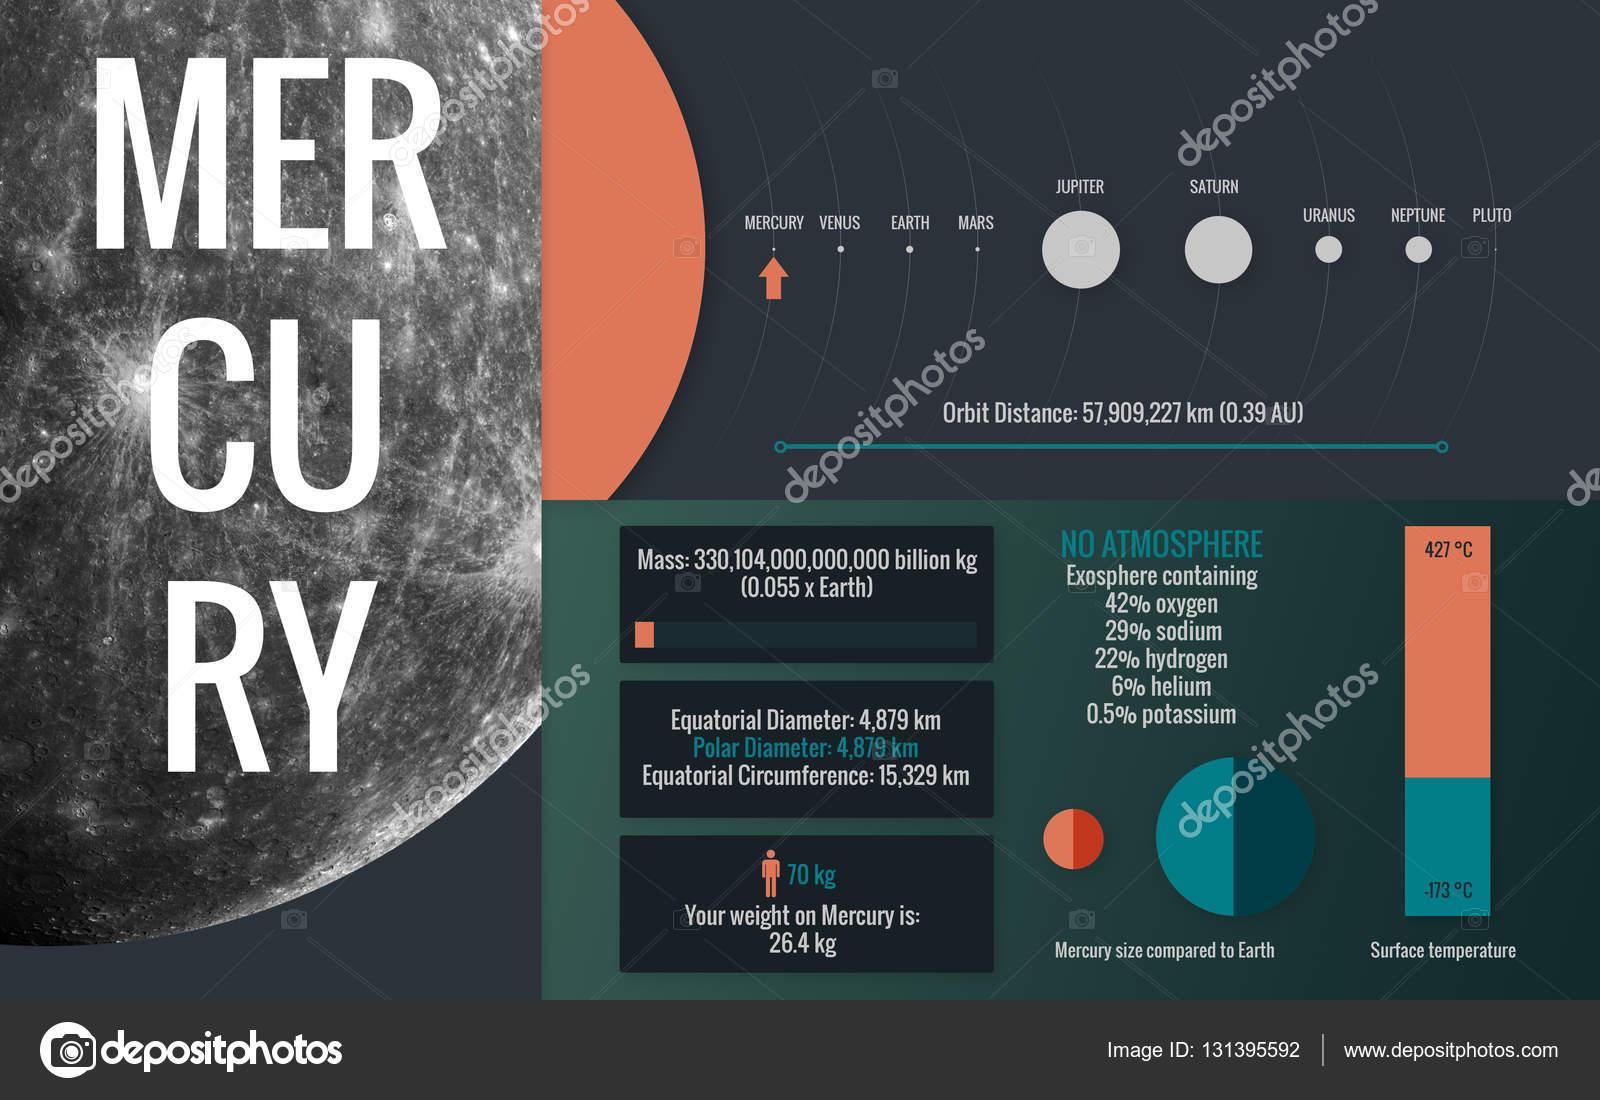 Mercury imagem infogrfico apresenta um do planeta do sistema mercury imagem infogrfico apresenta um do planeta do sistema solar olhar e fatos este elementos de imagem fornecida pela nasa foto de shadoff ccuart Gallery